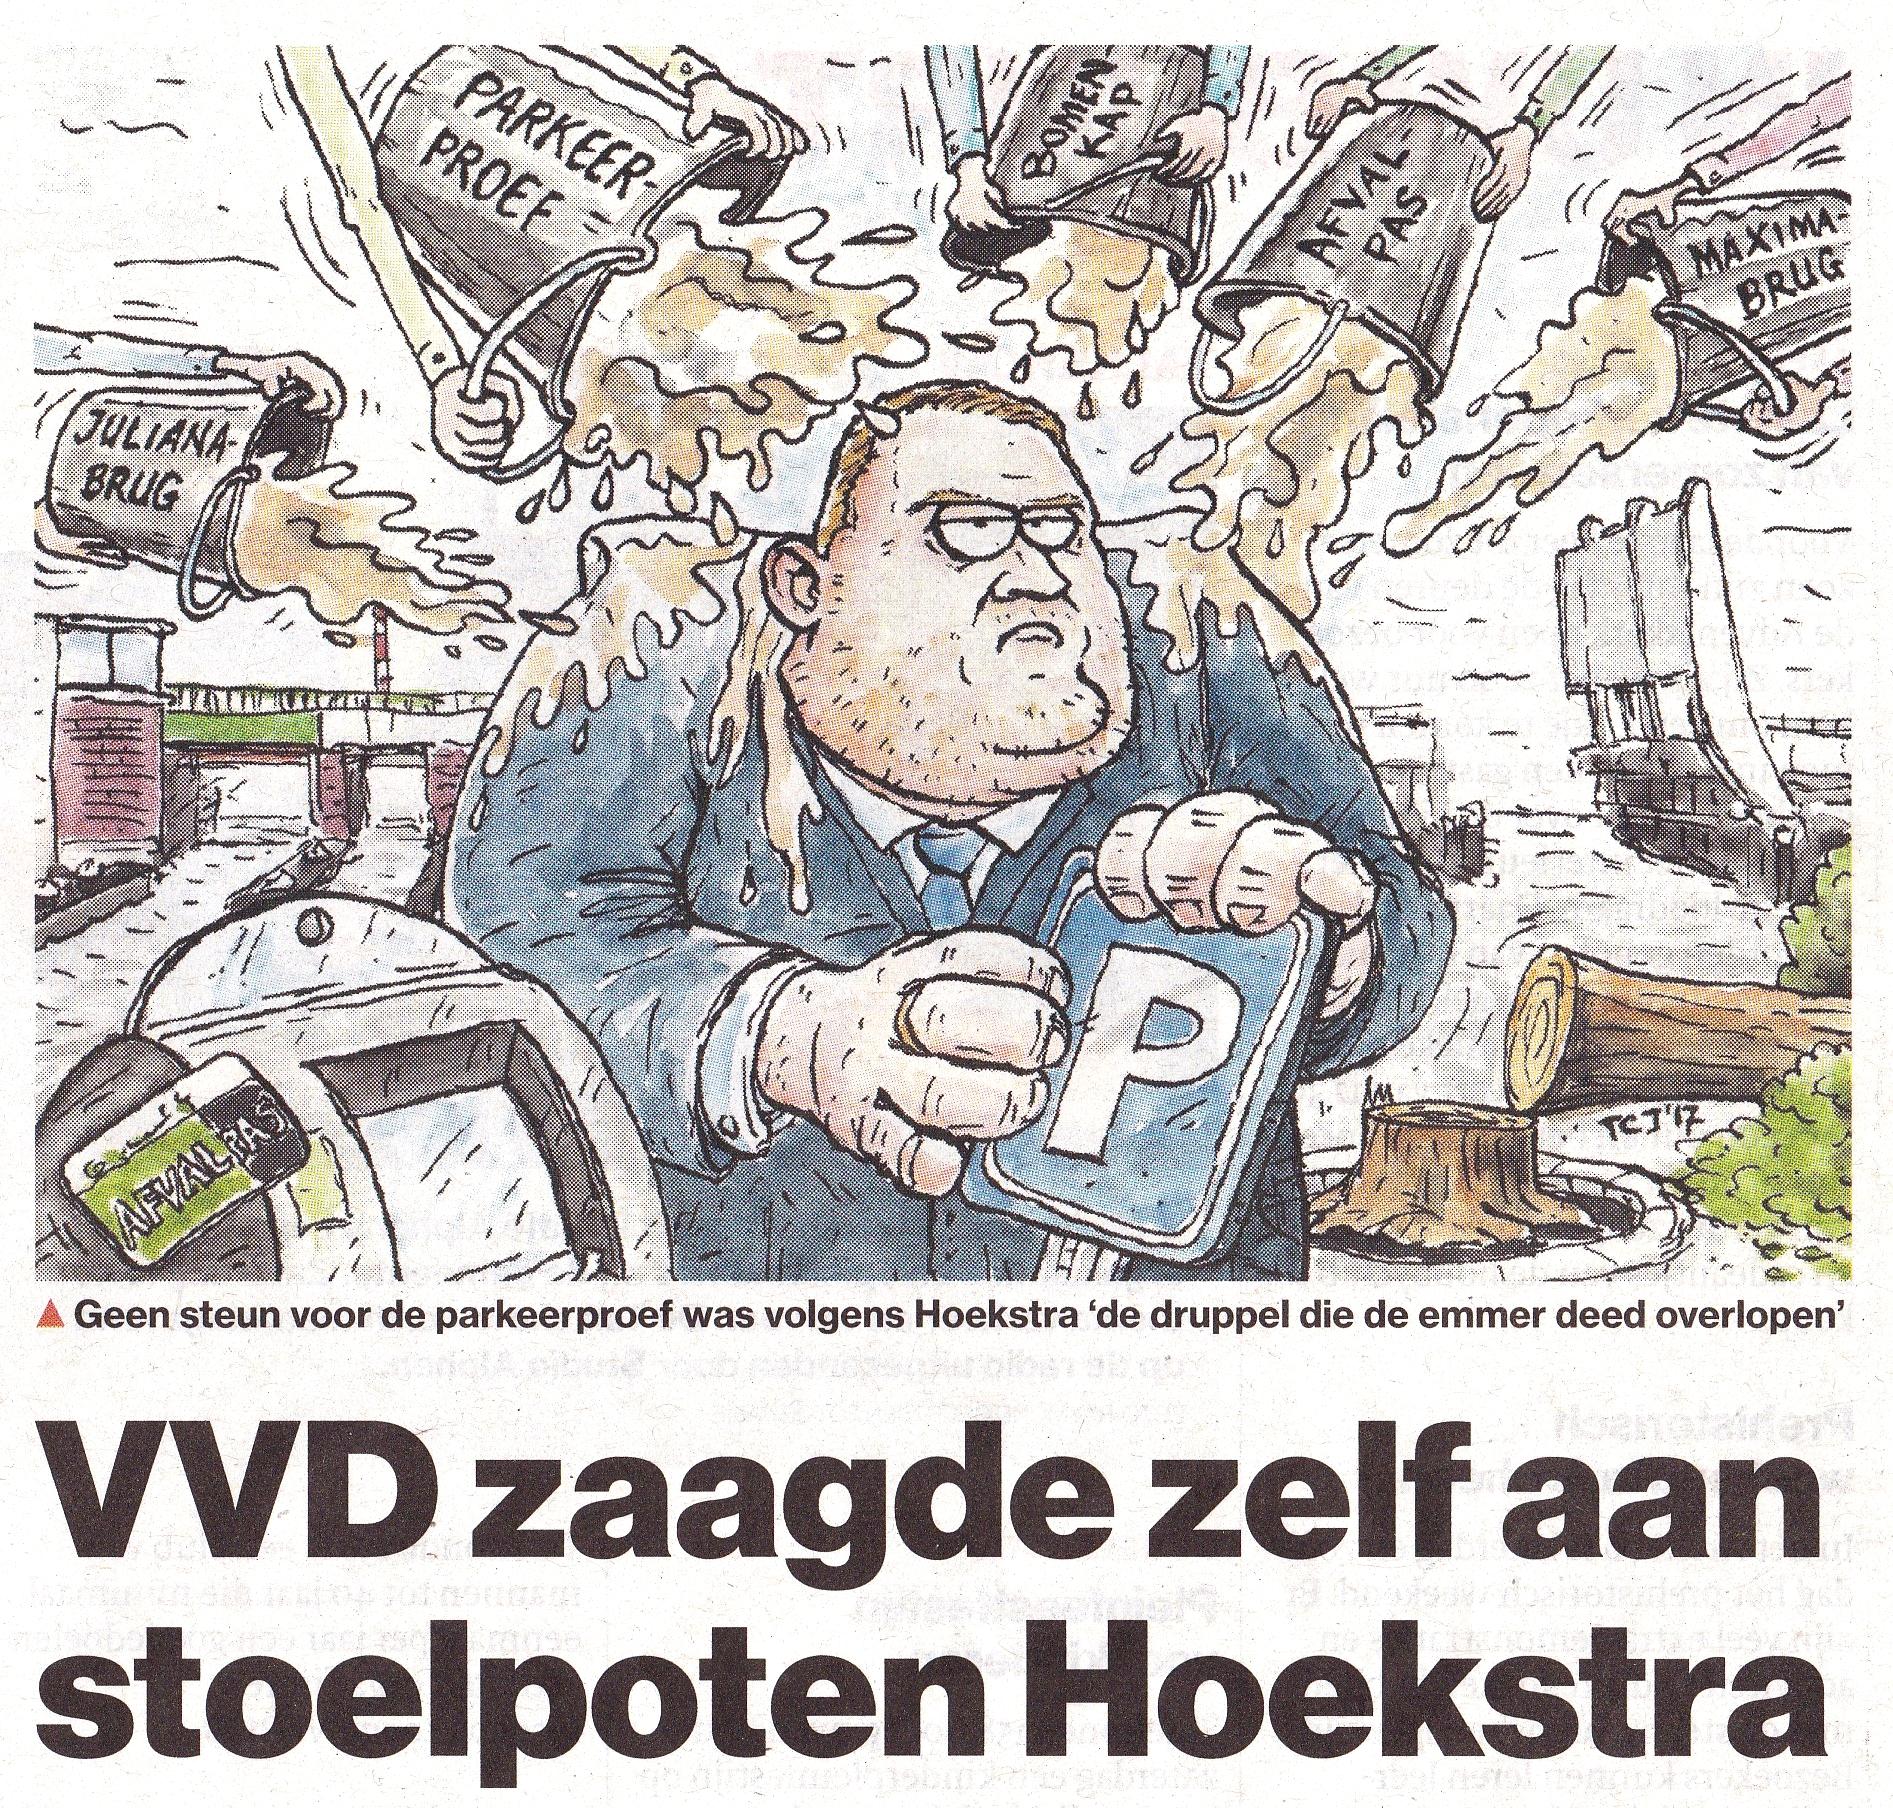 Hoekstraexit